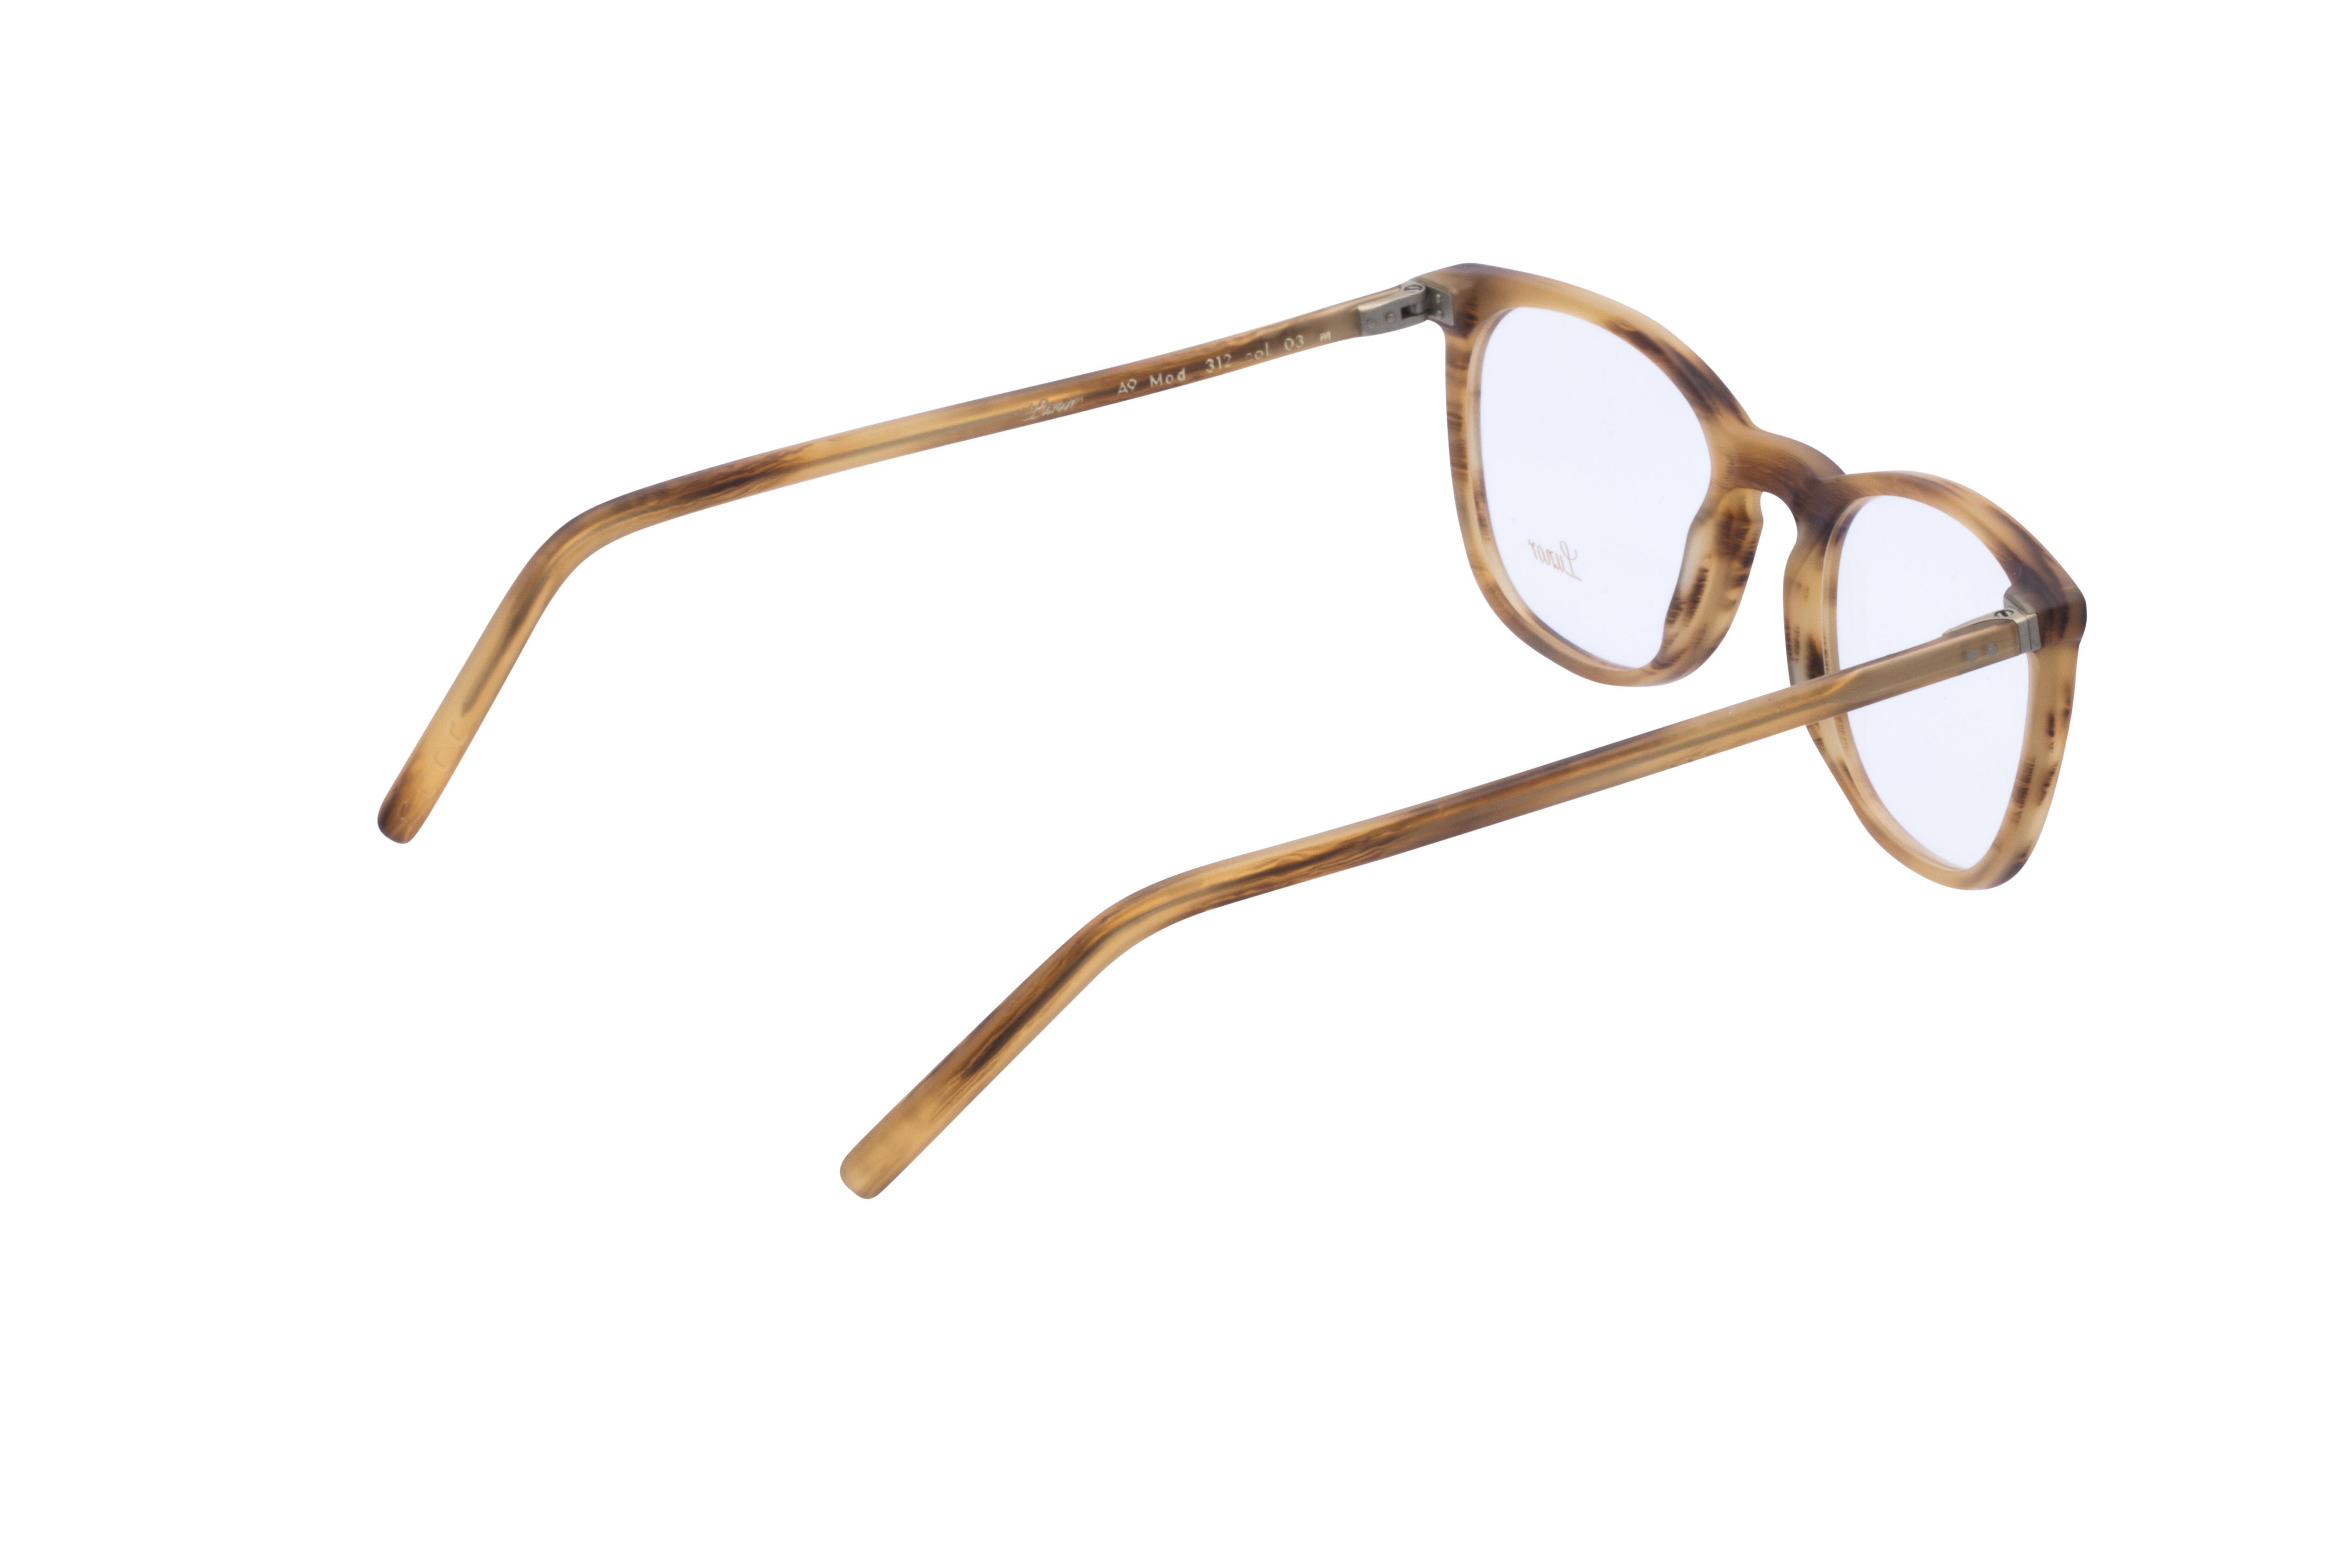 360 Grad Ansicht 8 Lunor 312, Brille auf Weiß - Fassung bei KUNK